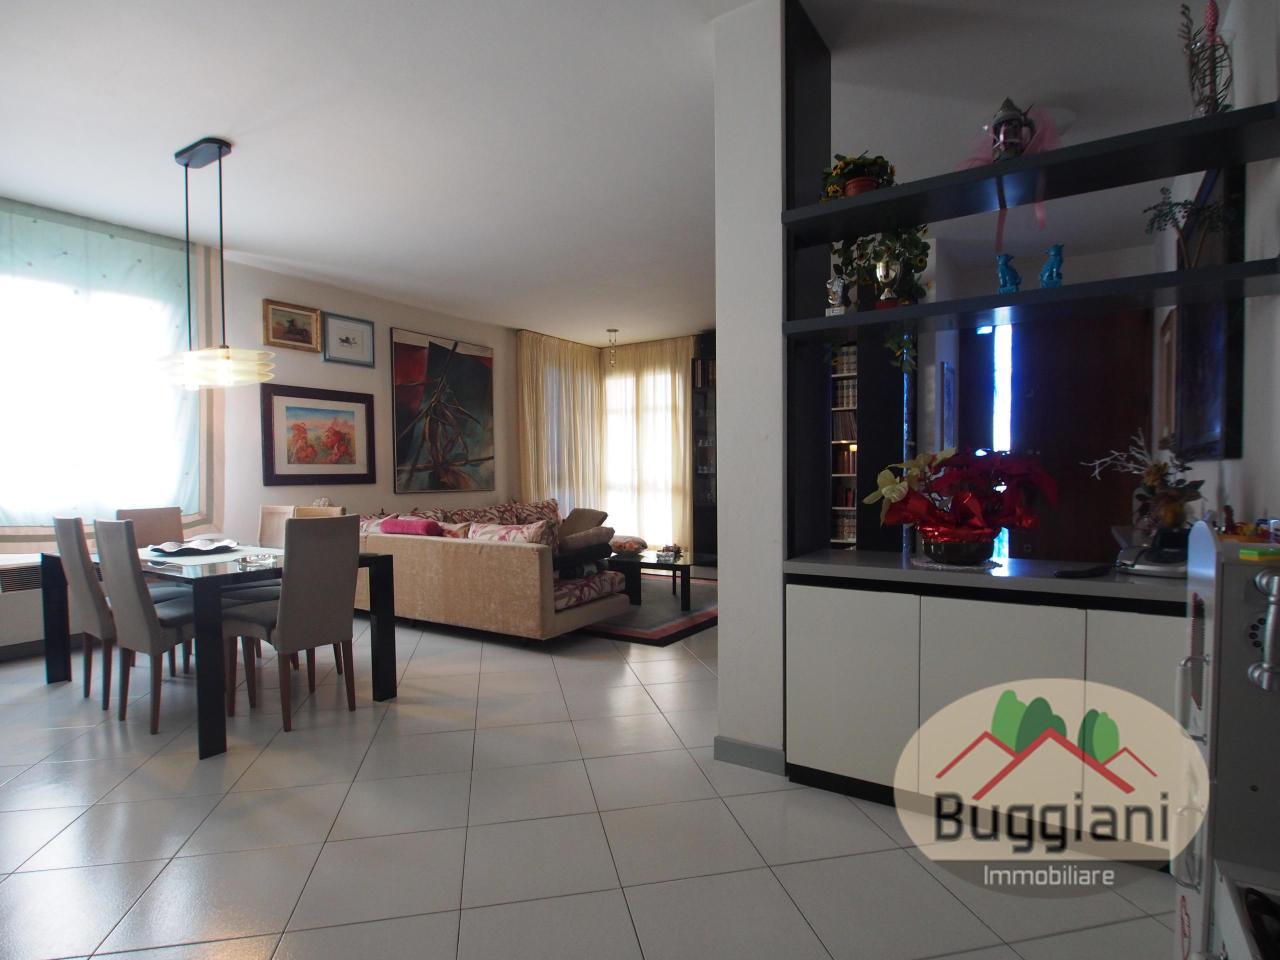 Bifamiliare in vendita RIF. 2398, San Miniato (PI)